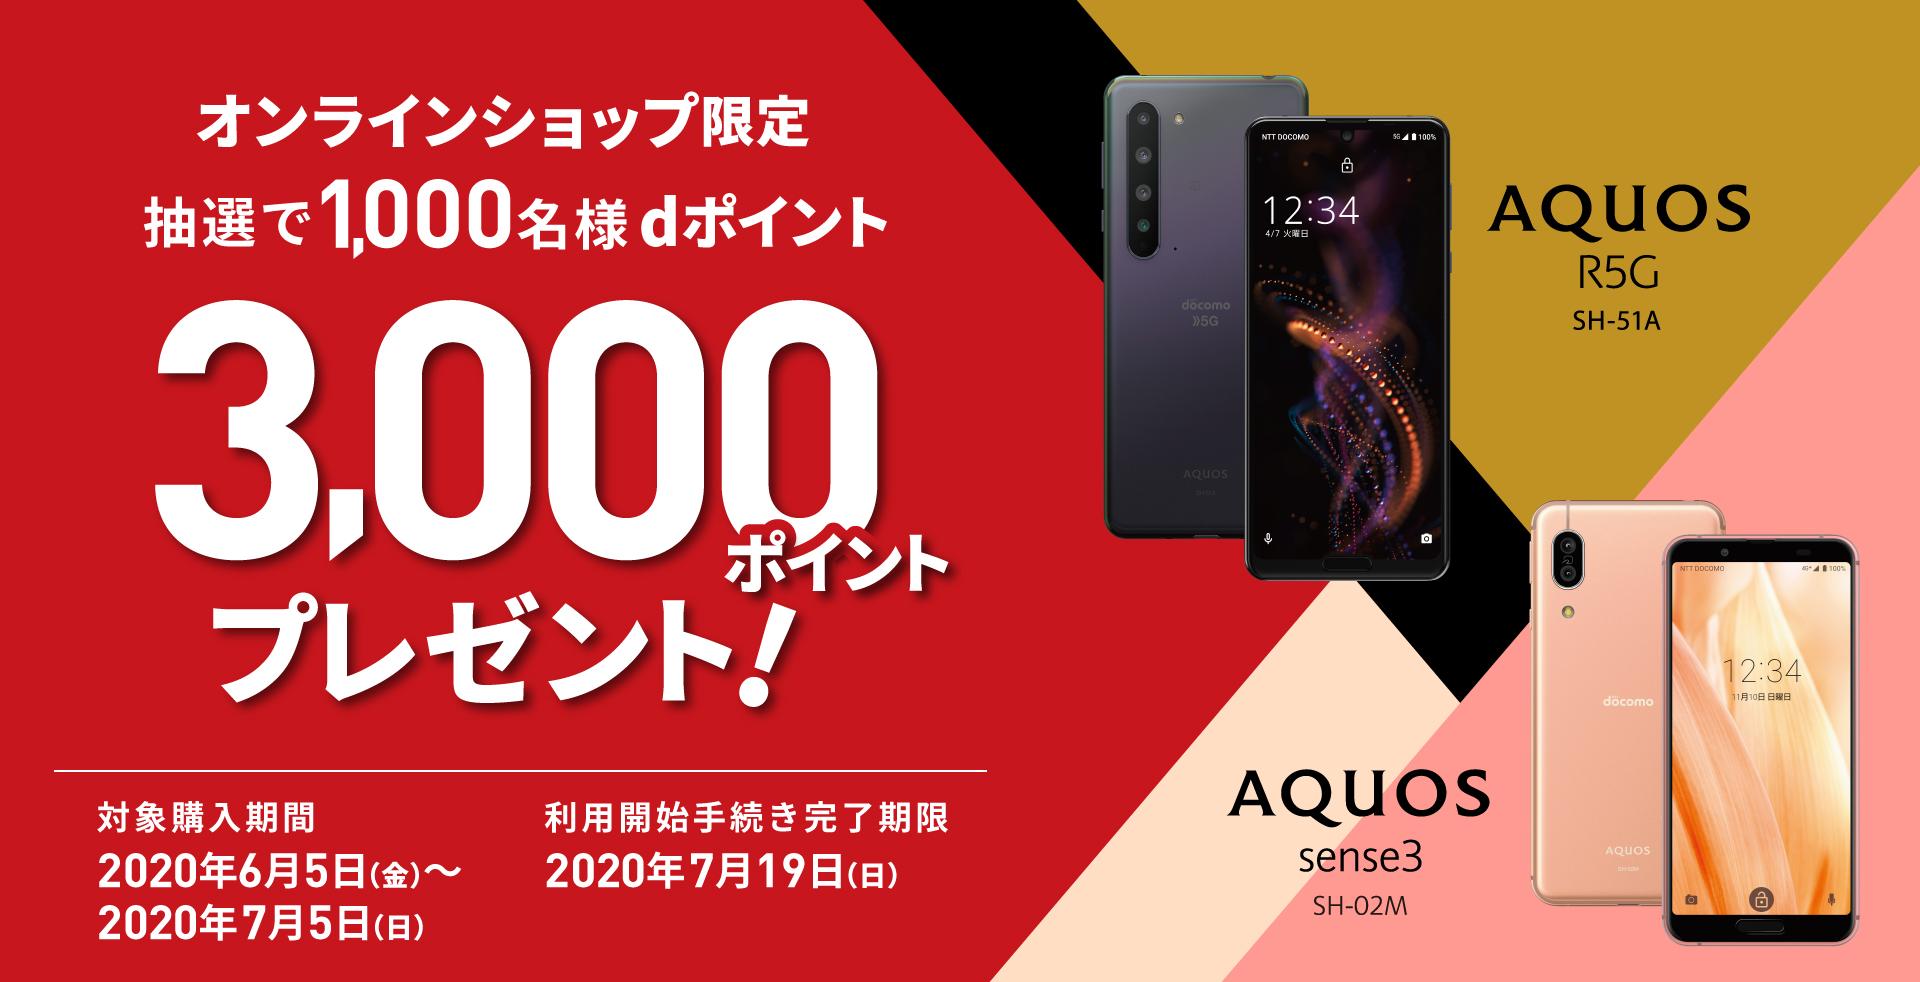 ドコモAQUOS R5G/sense3購入でdポイントプレゼントキャンペーン!